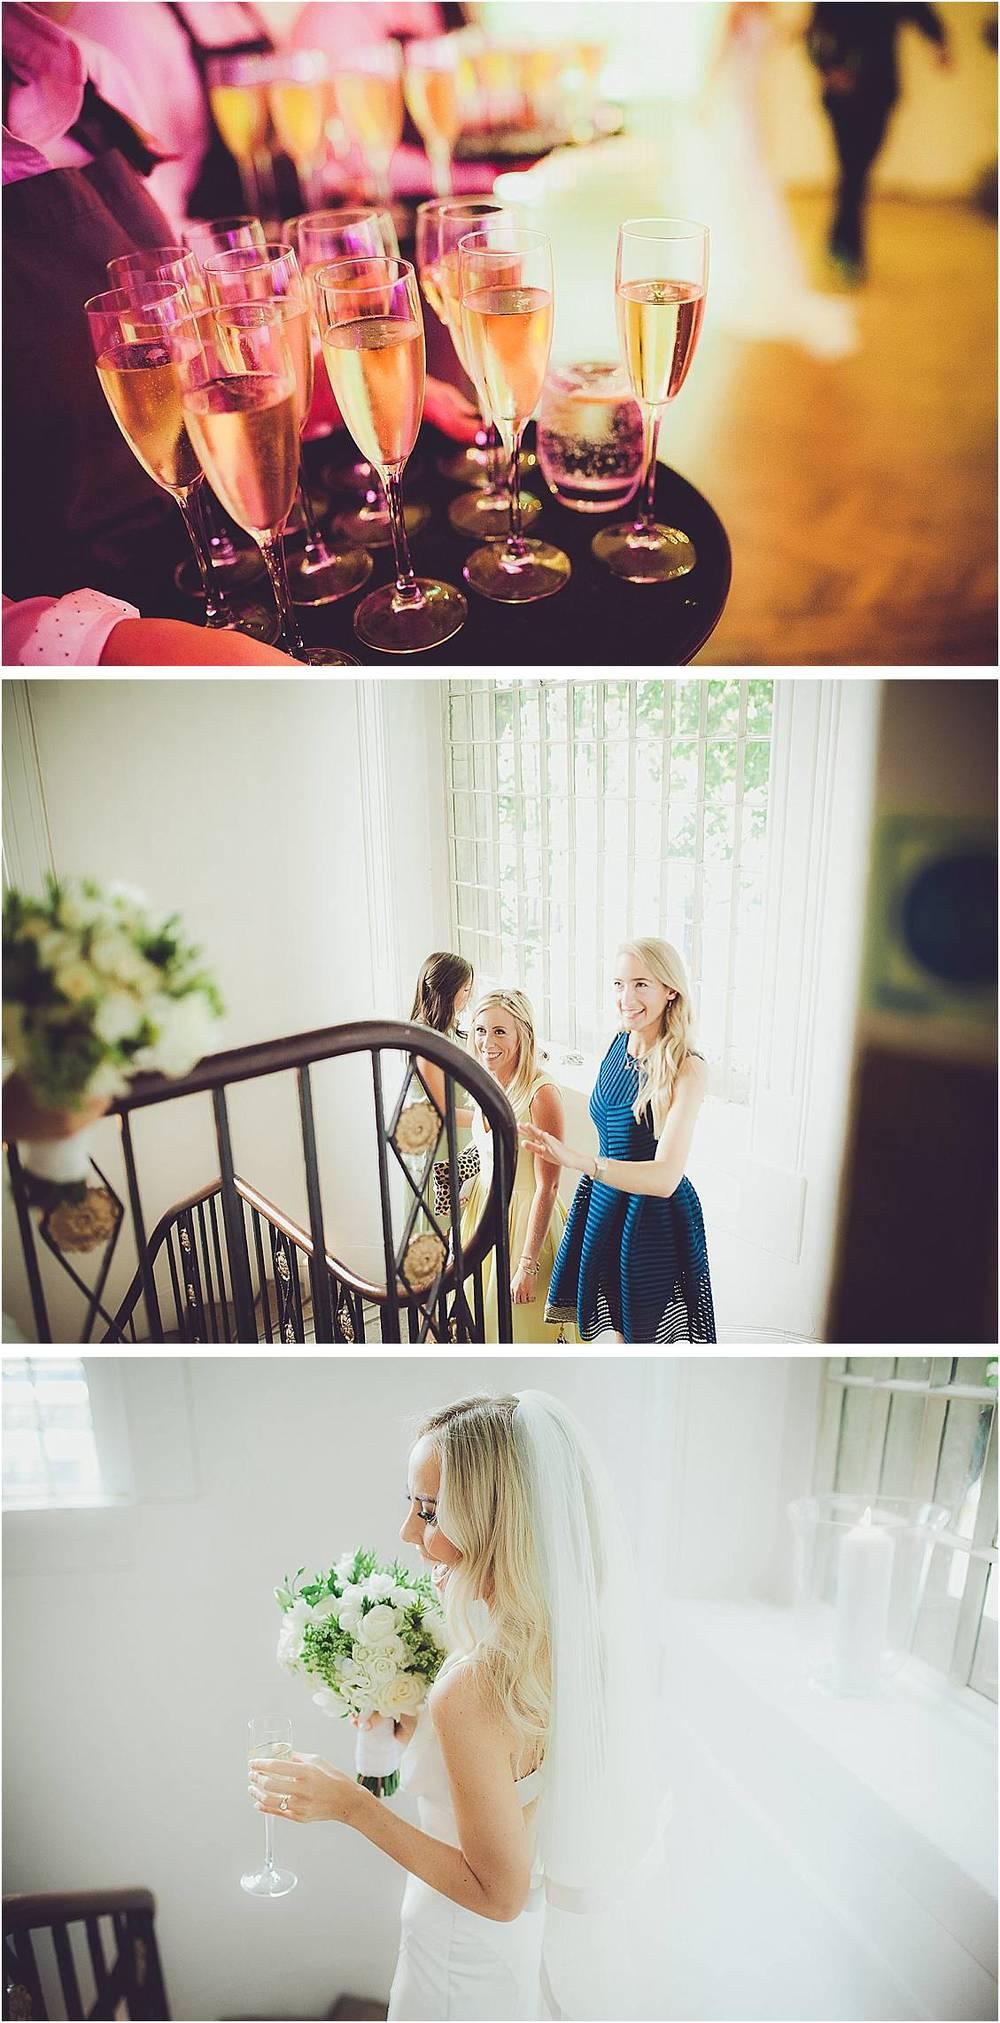 Boud_FionaclairPhotography_OneMarlyebone_Blog-147.jpg